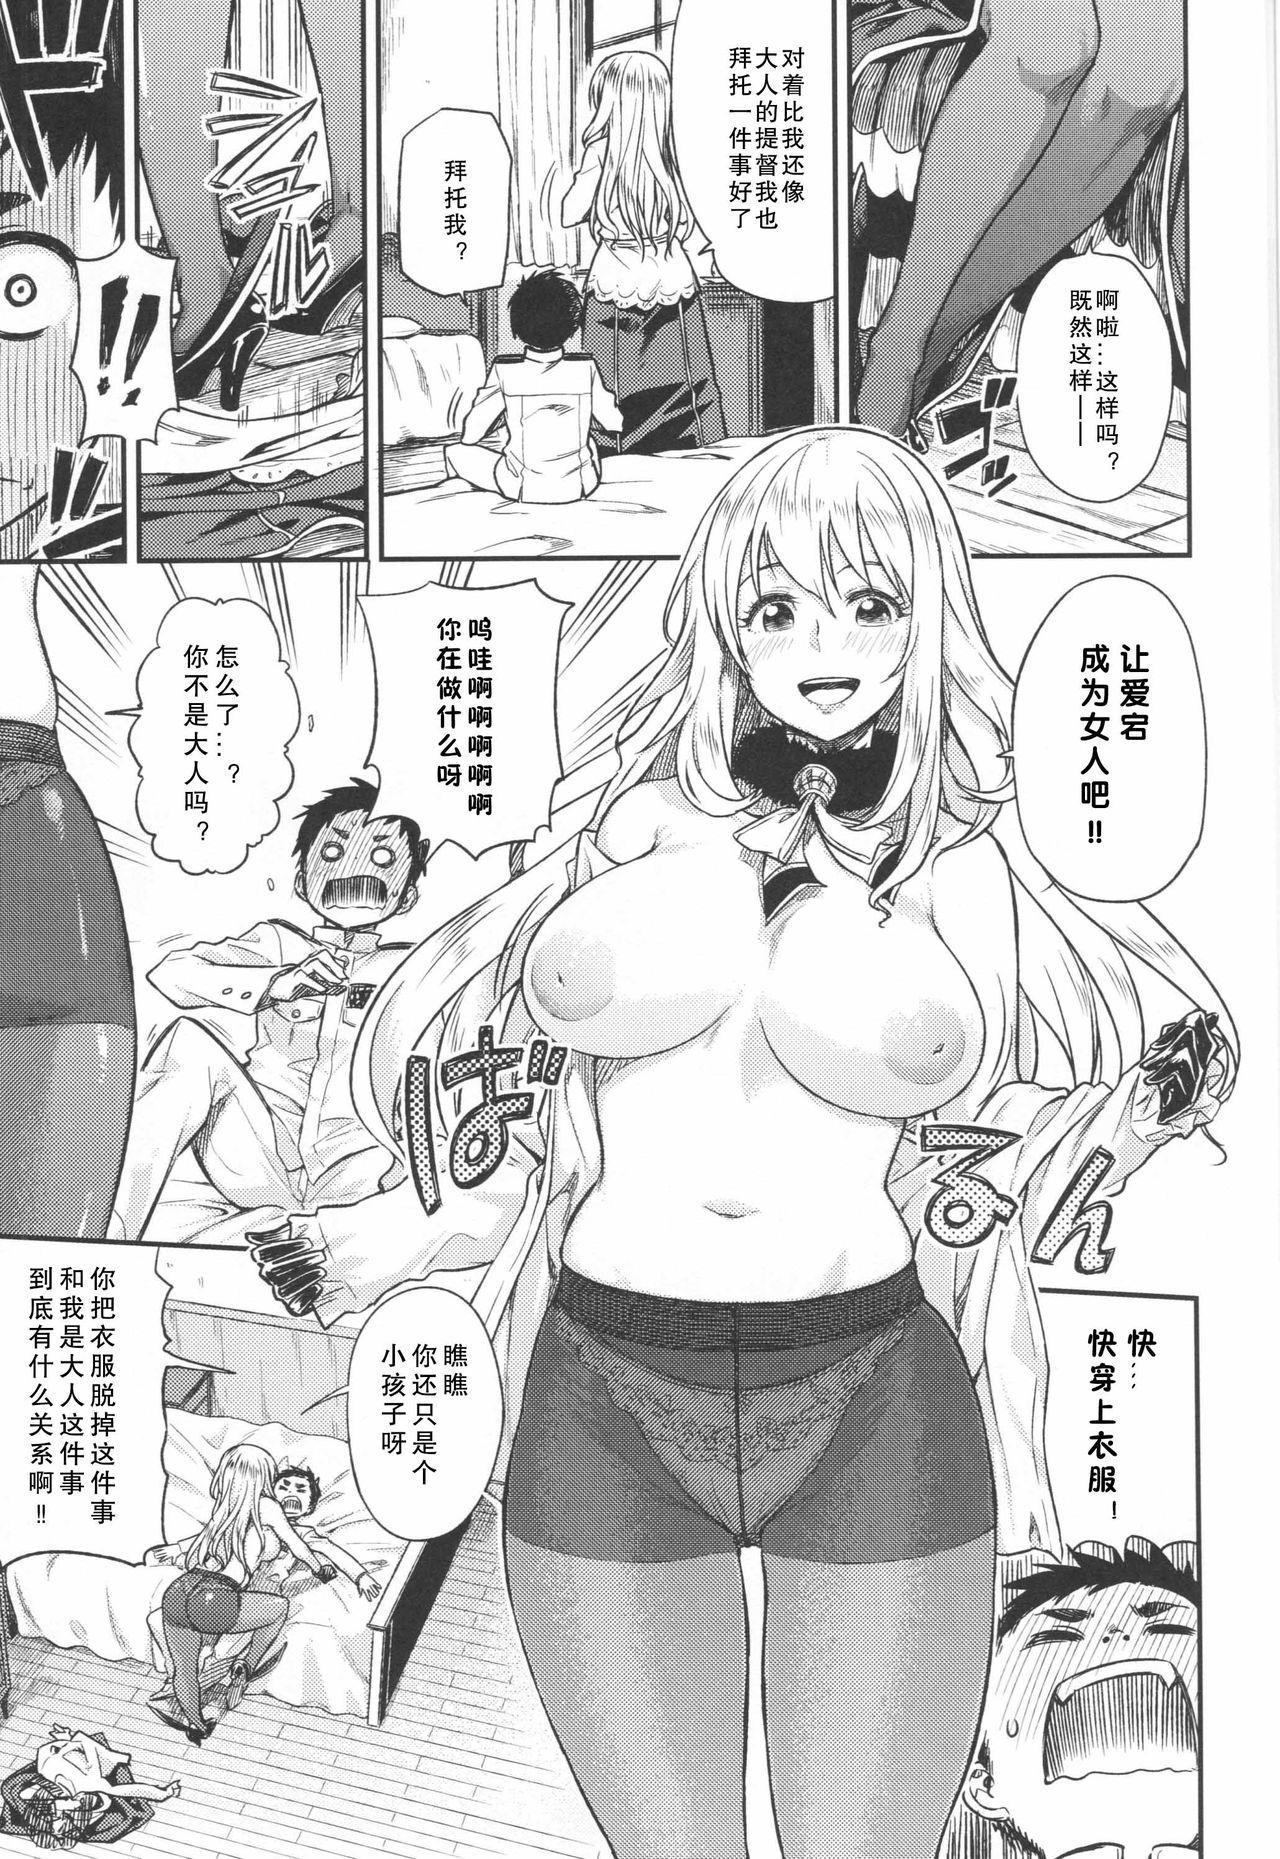 Shounen Teitoku ga Otona ni Naru made... | 少年提督成为大人之前 9